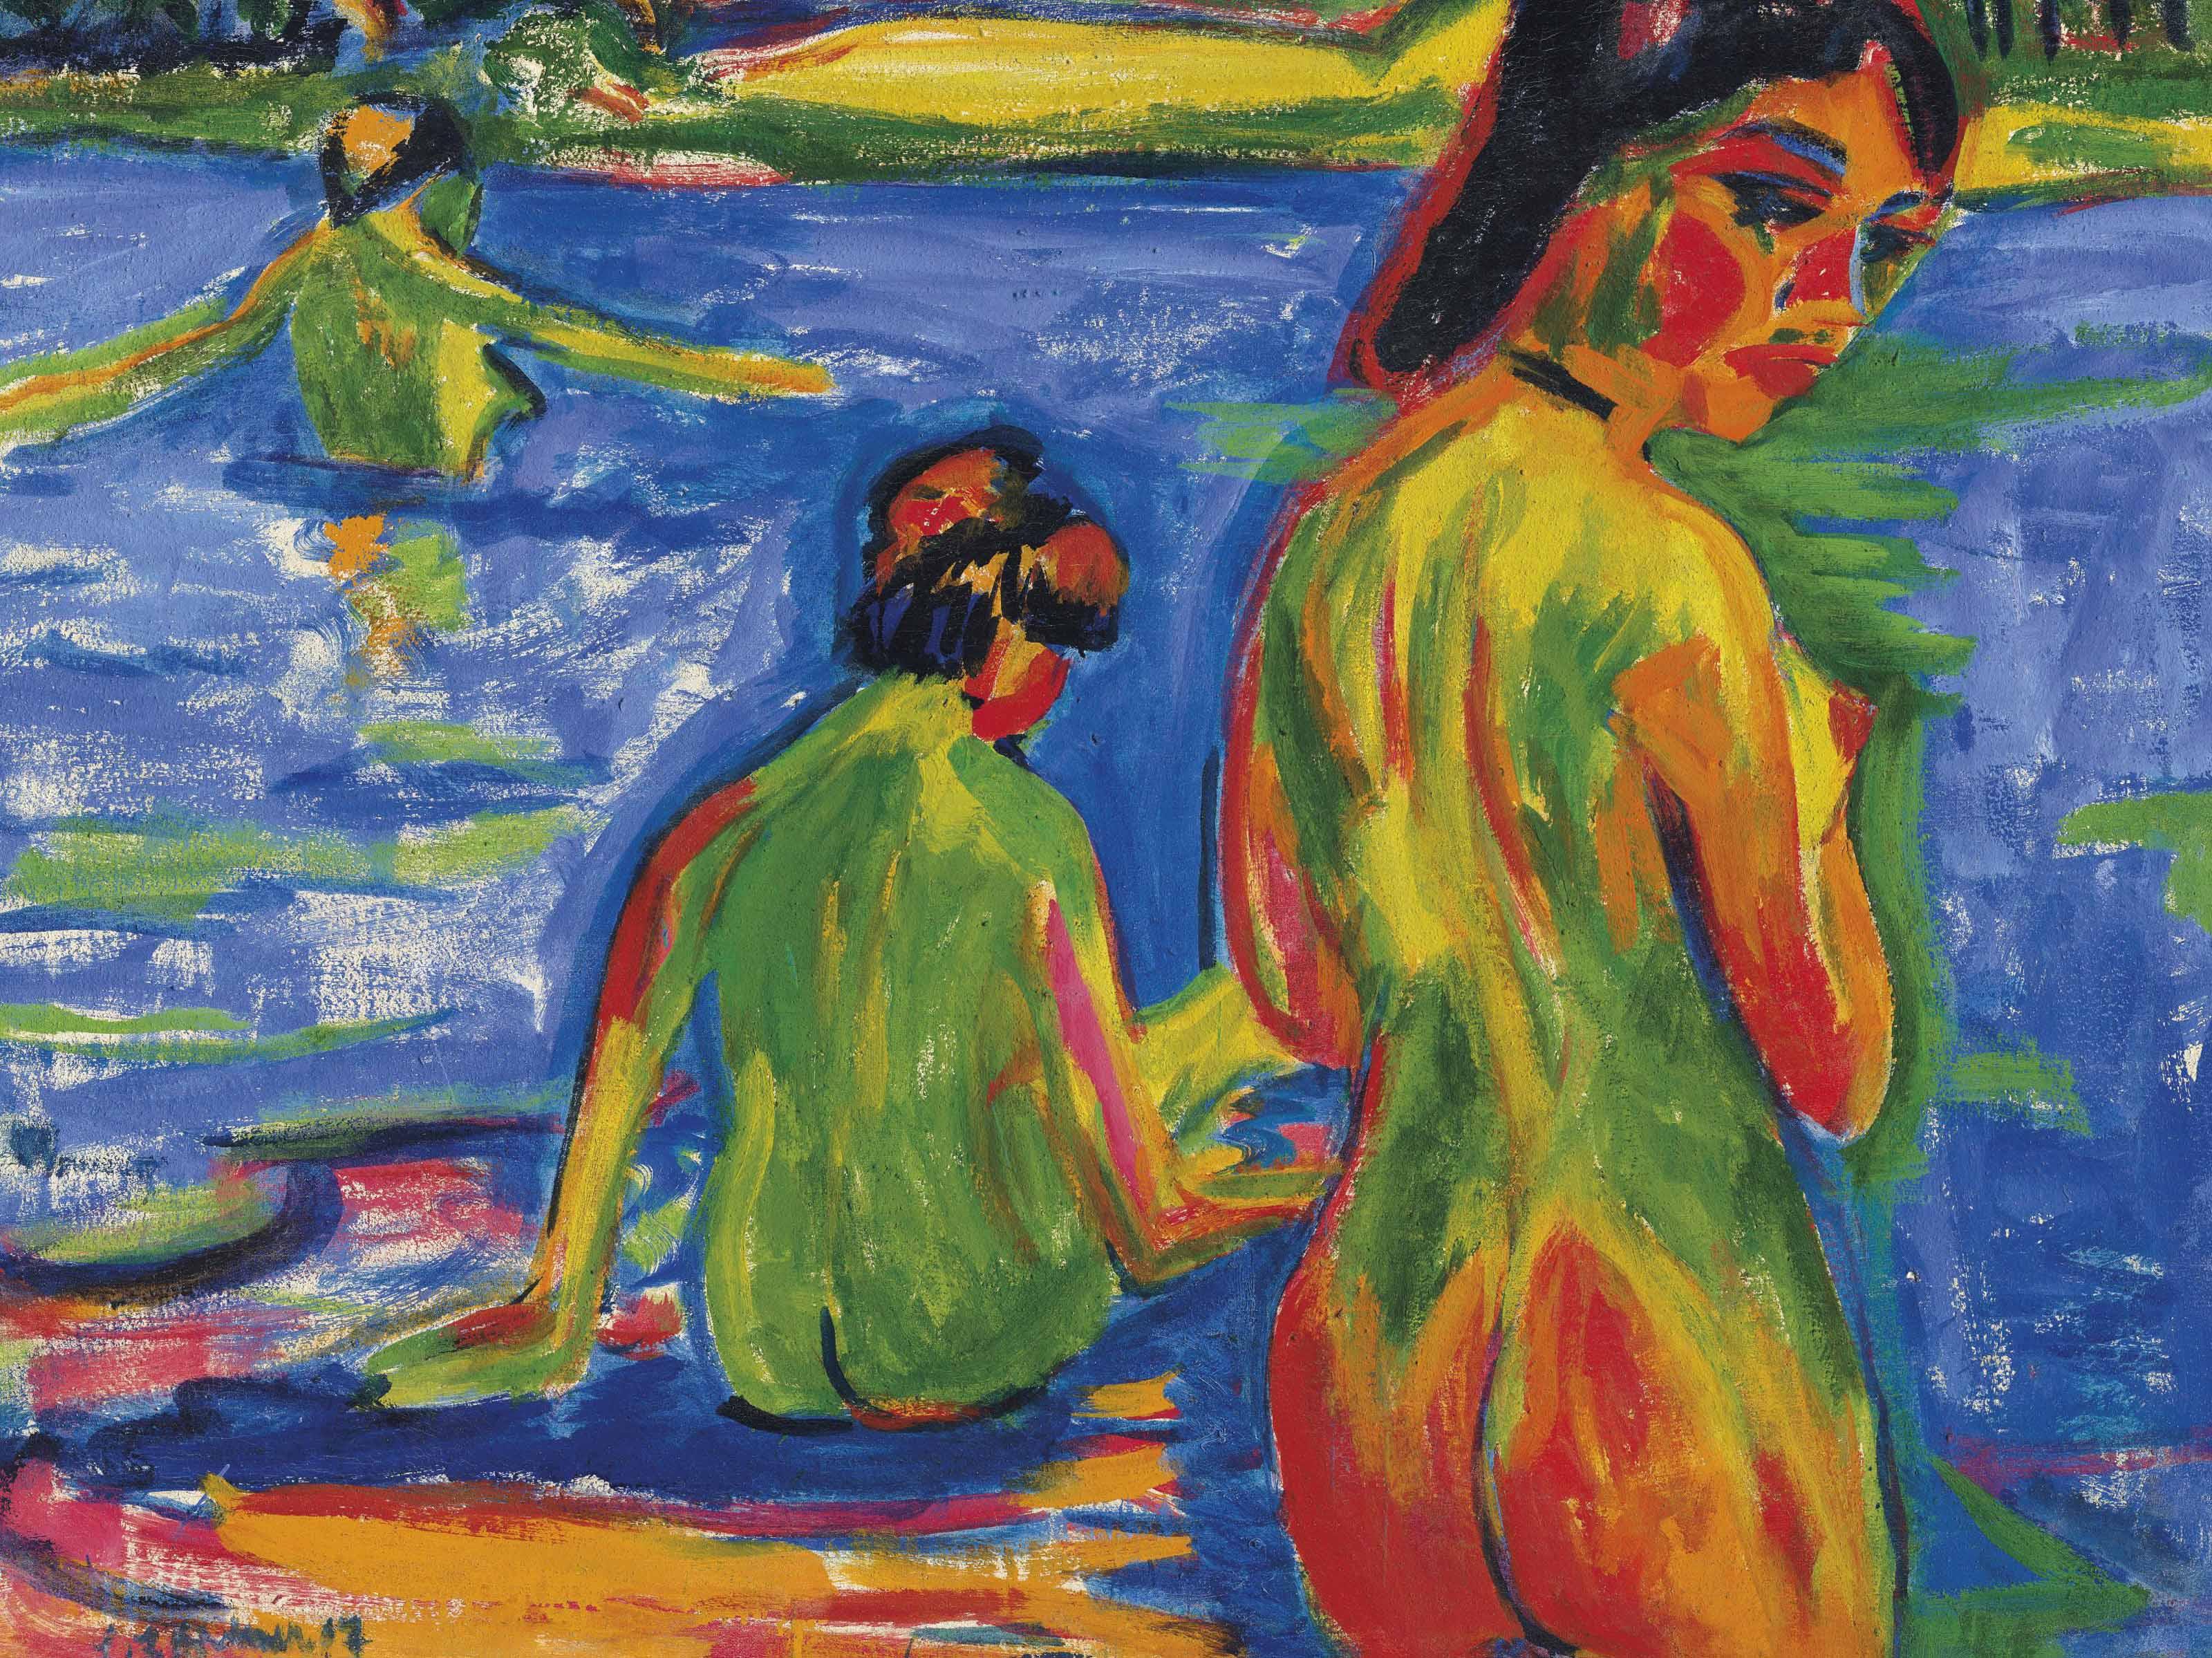 Im See badende Mädchen, Moritzburg